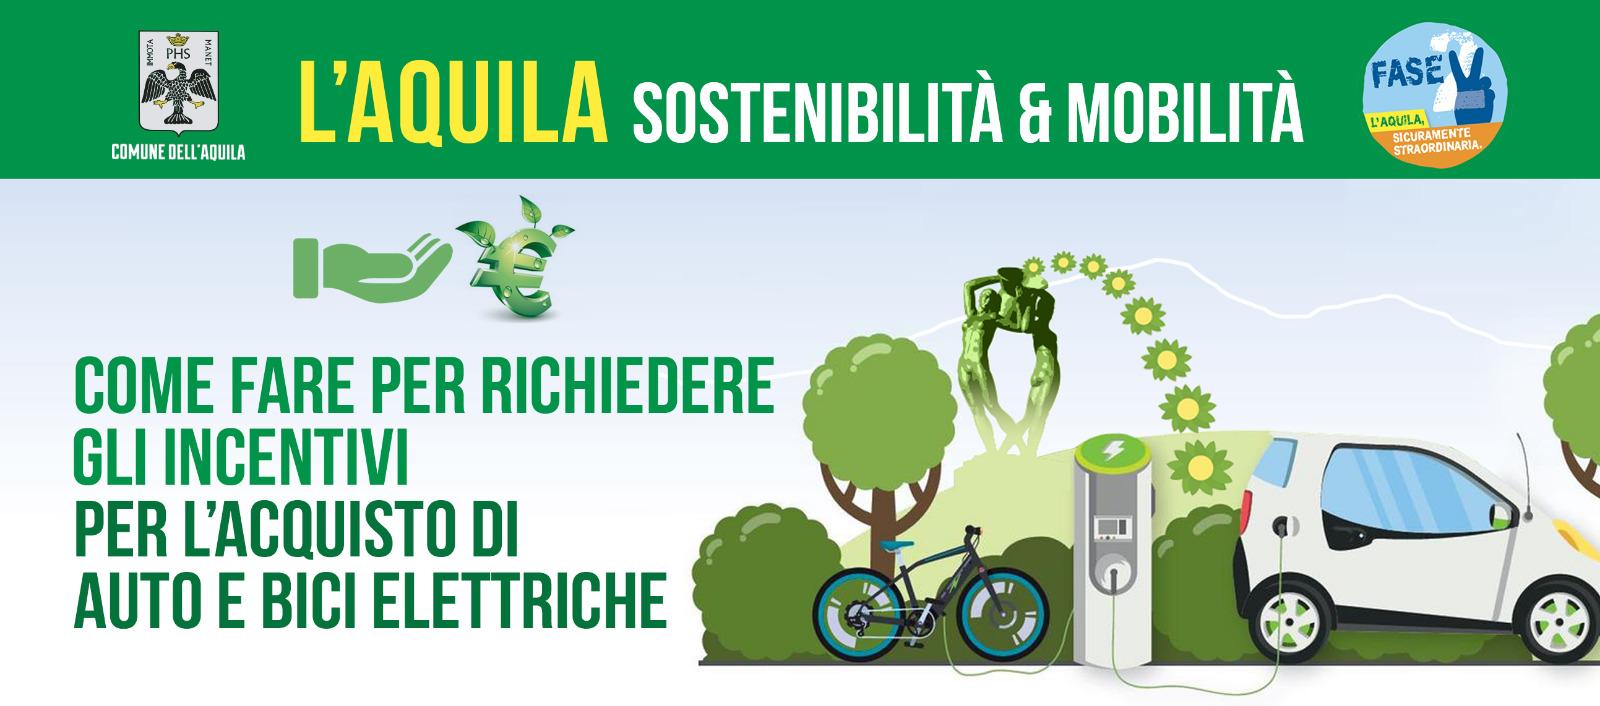 Incentivi acquisto auto e bici elettriche